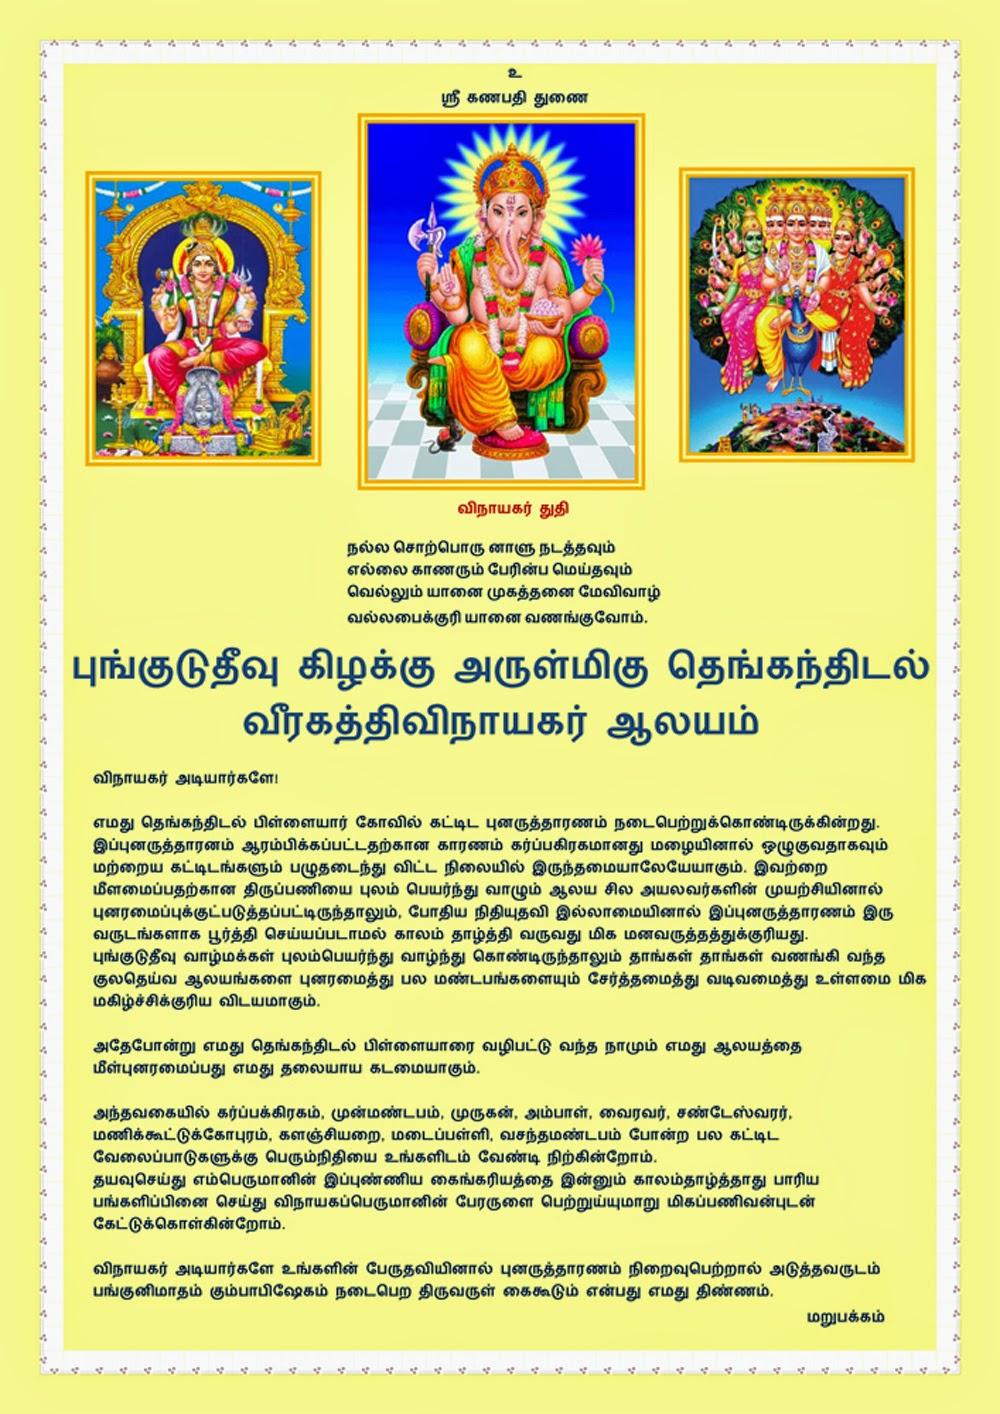 http://kavusci.free.fr/veerakaththi-vinayagar.htm